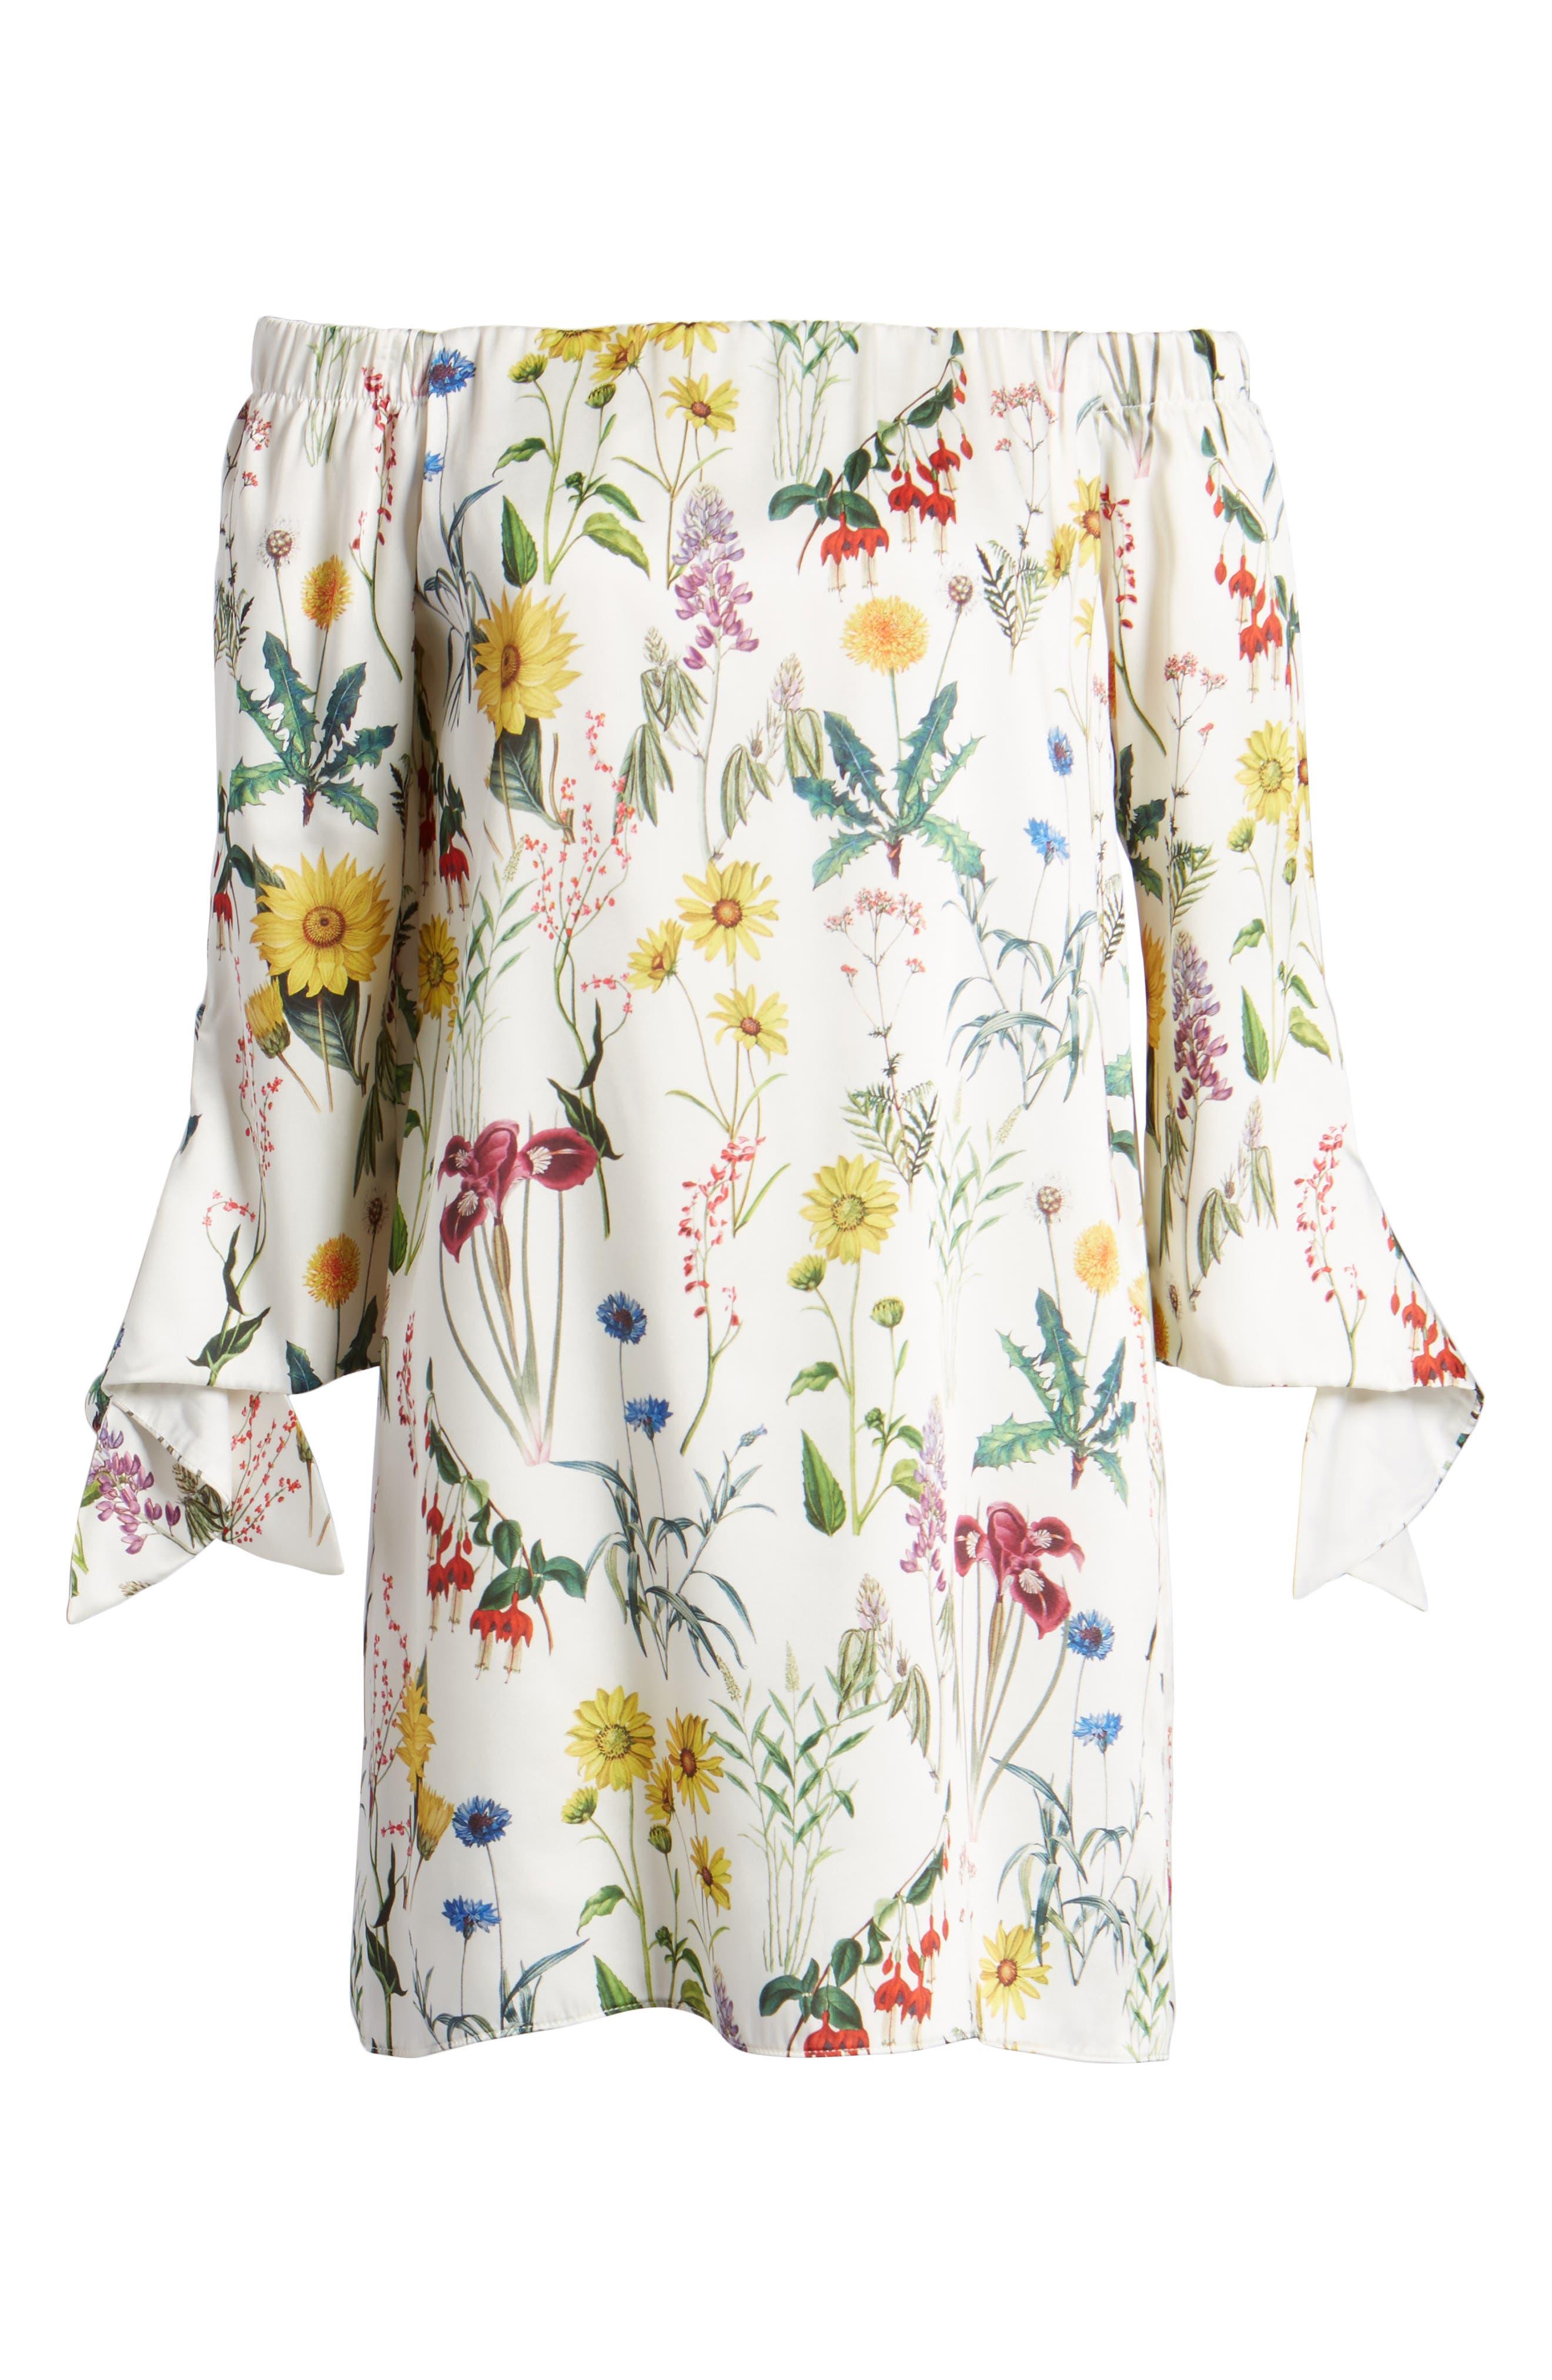 Botanical Off the Shoulder Shift Dress,                             Alternate thumbnail 6, color,                             Botanical Print/ Chalk